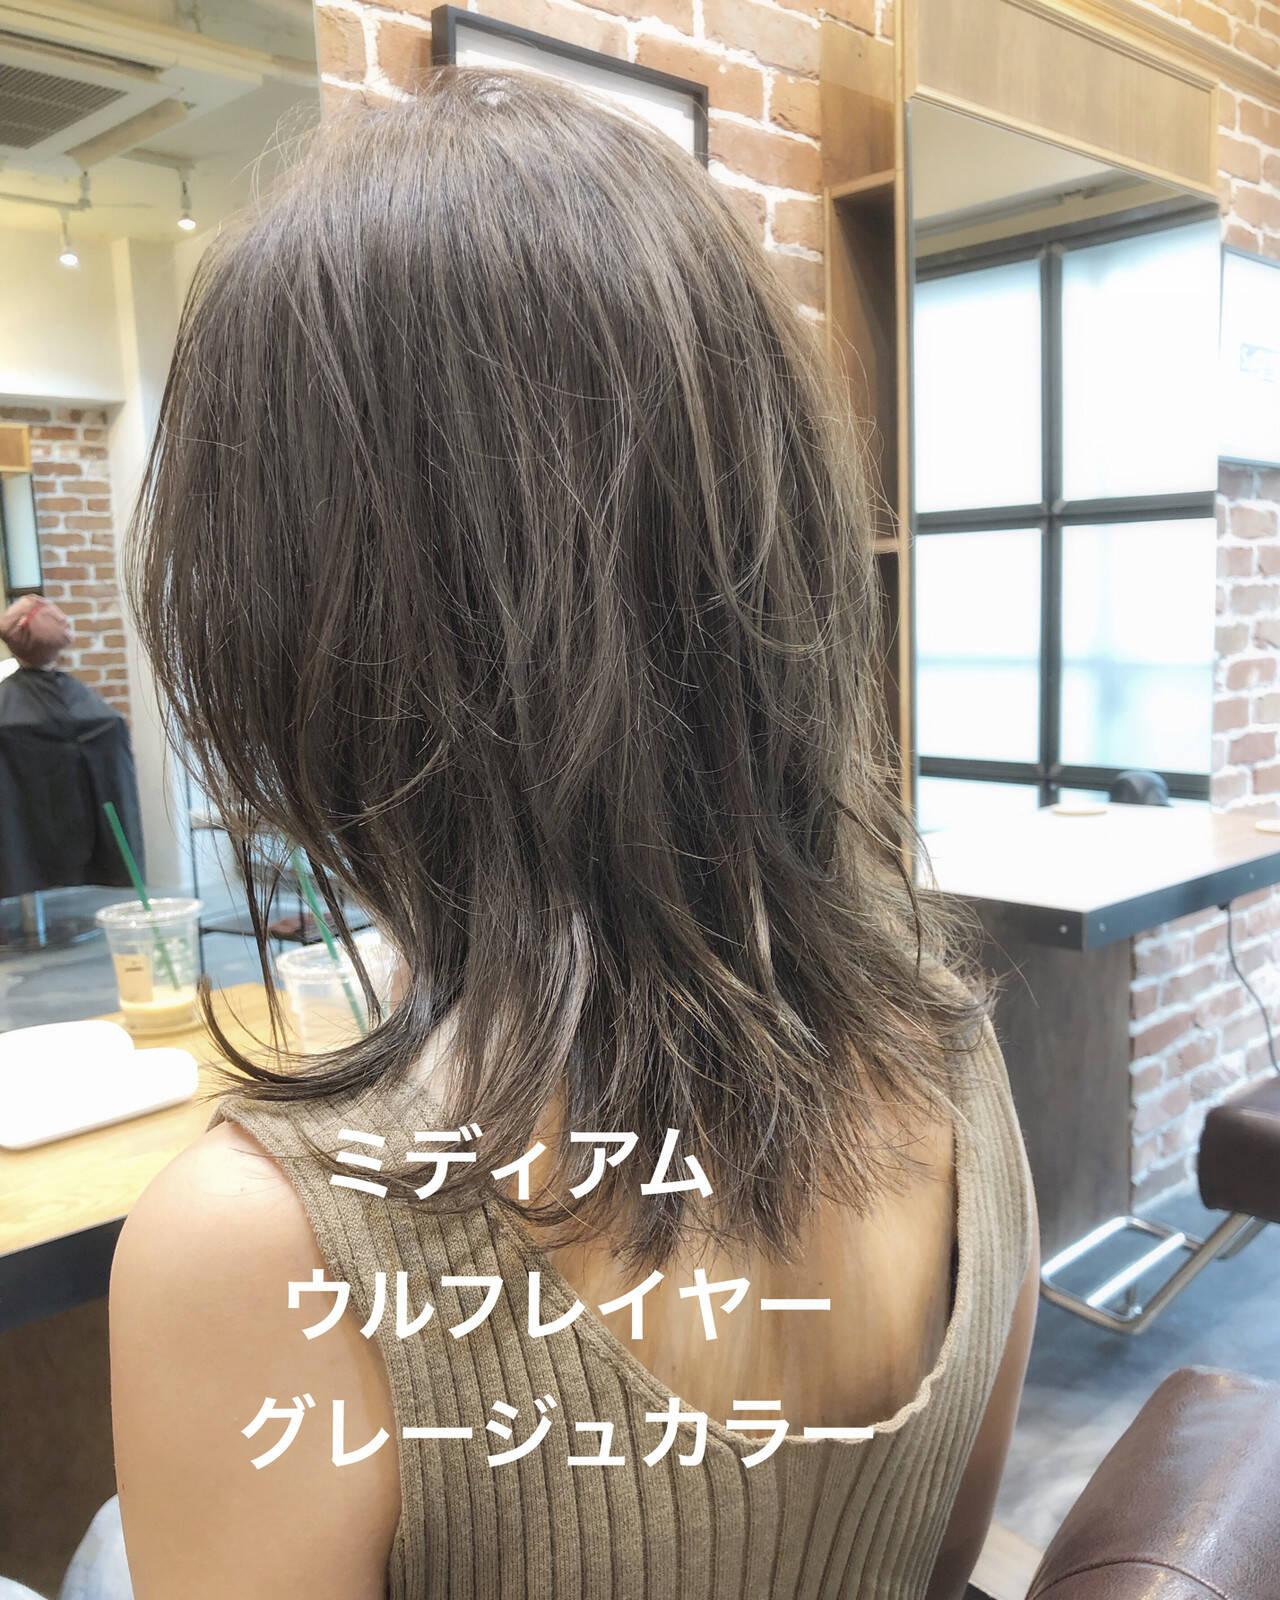 アッシュグレージュ ミディアム モード アッシュベージュヘアスタイルや髪型の写真・画像